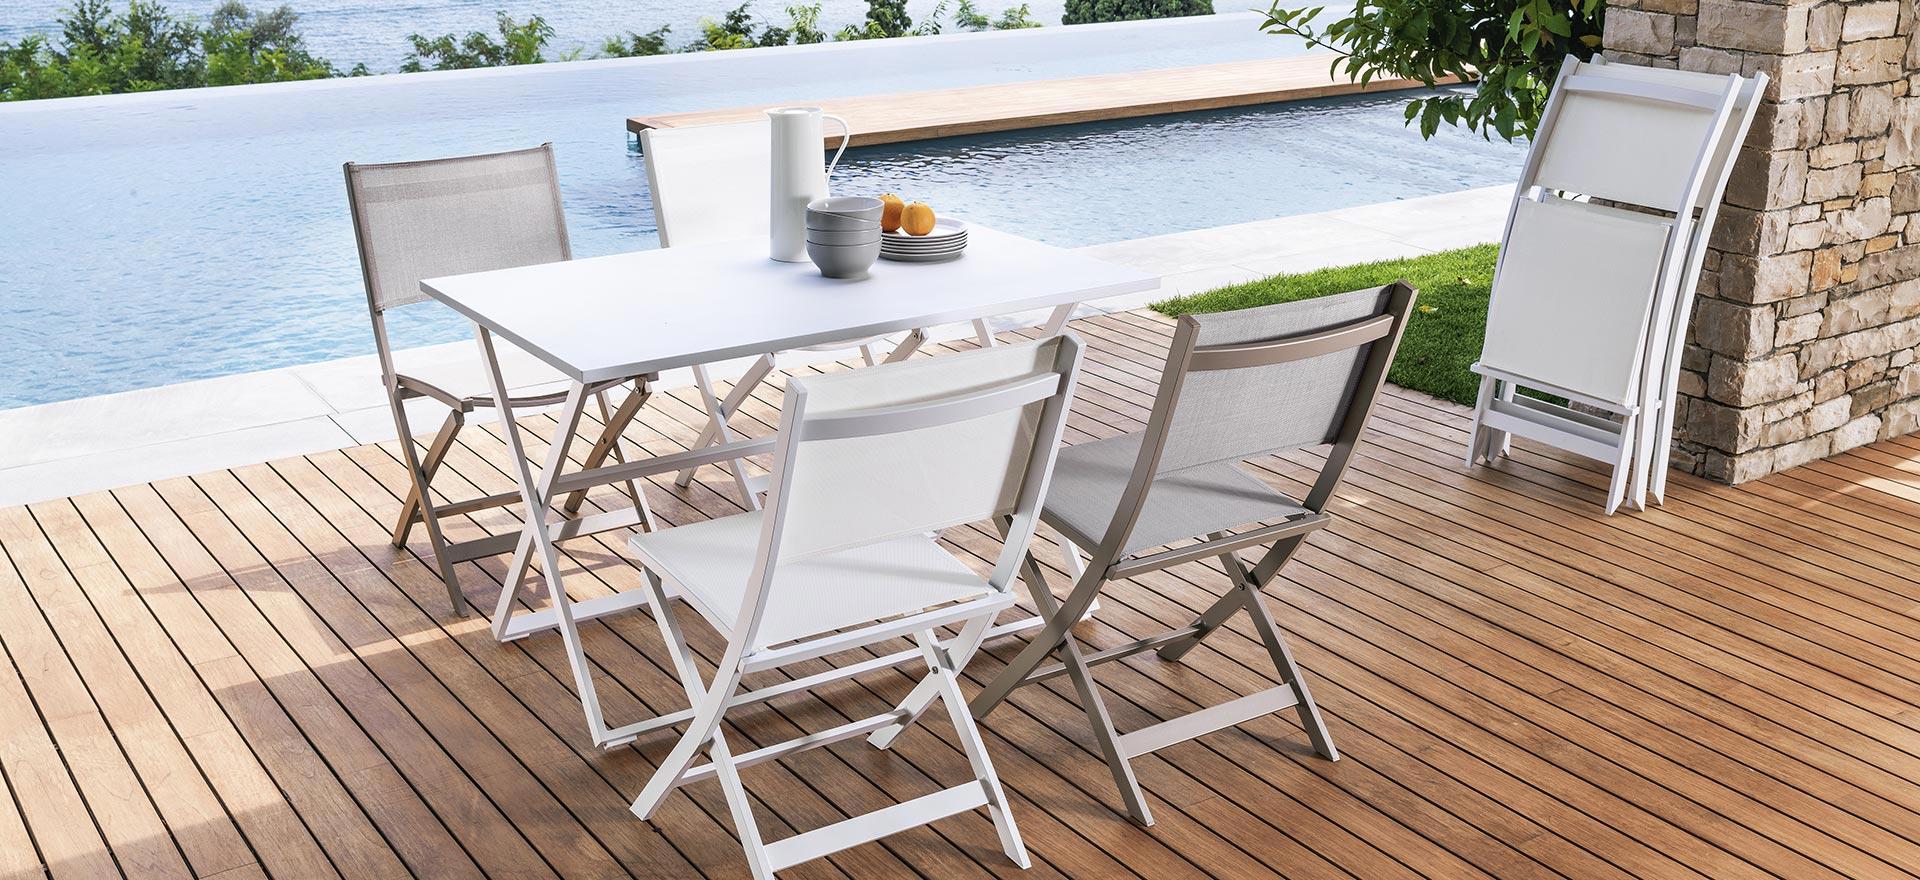 Queen Collectie van Talenti Outdoor design meubel buiten tuin